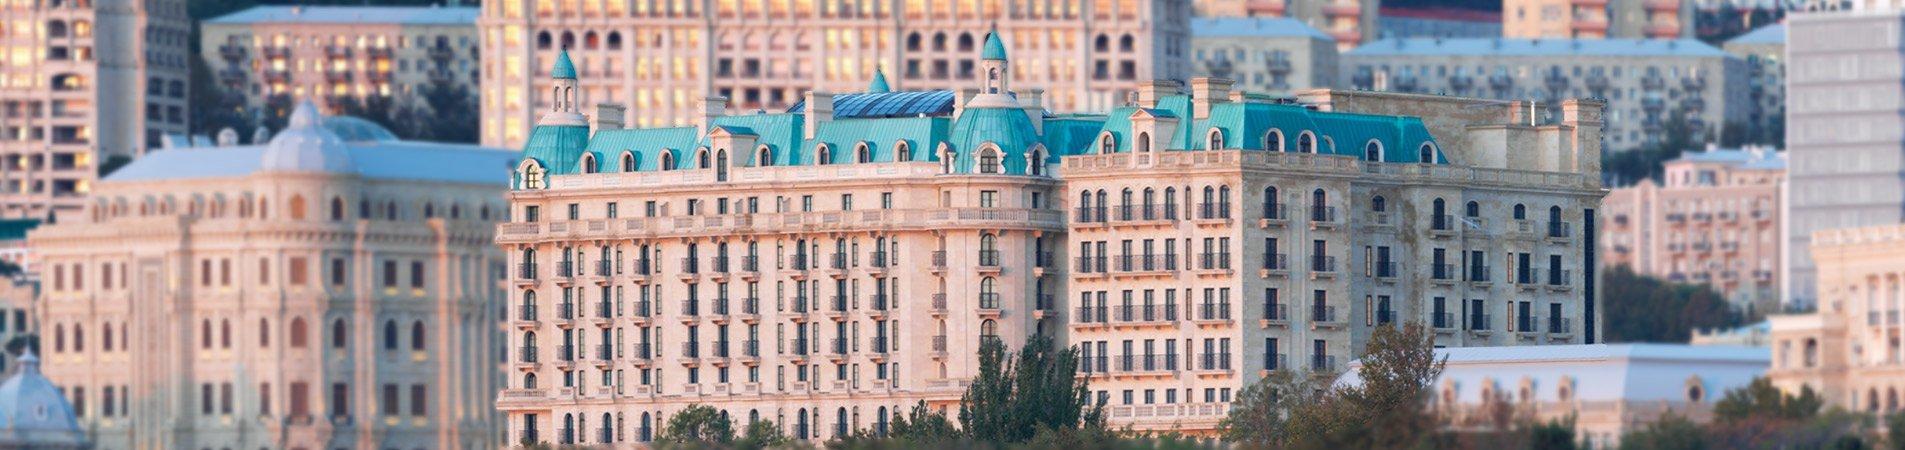 هزینه اقامت در باکو ؛ از هاستل تا هتل های لوکس